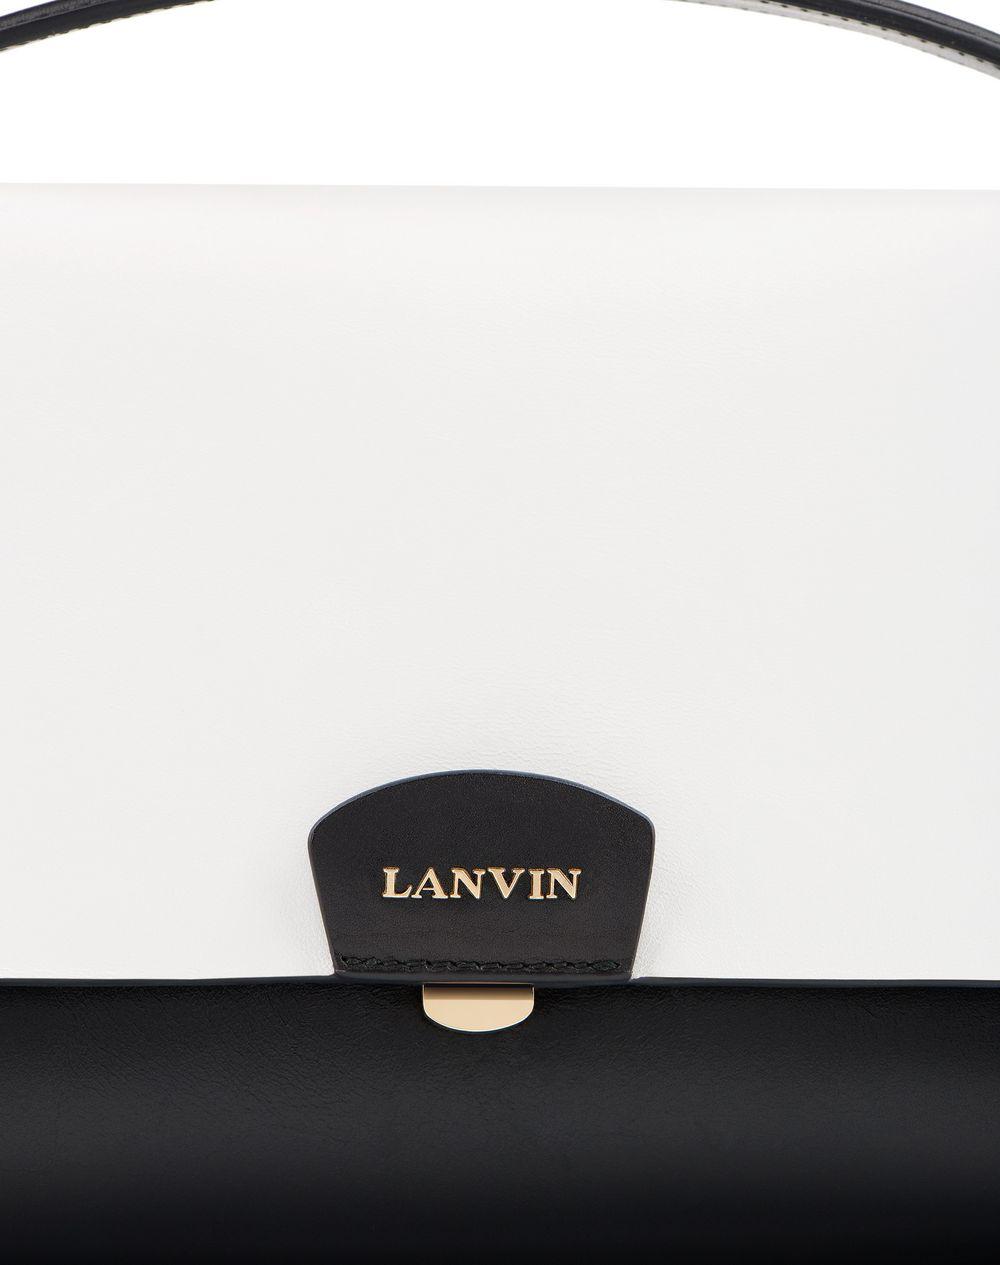 MINI BAG  - Lanvin